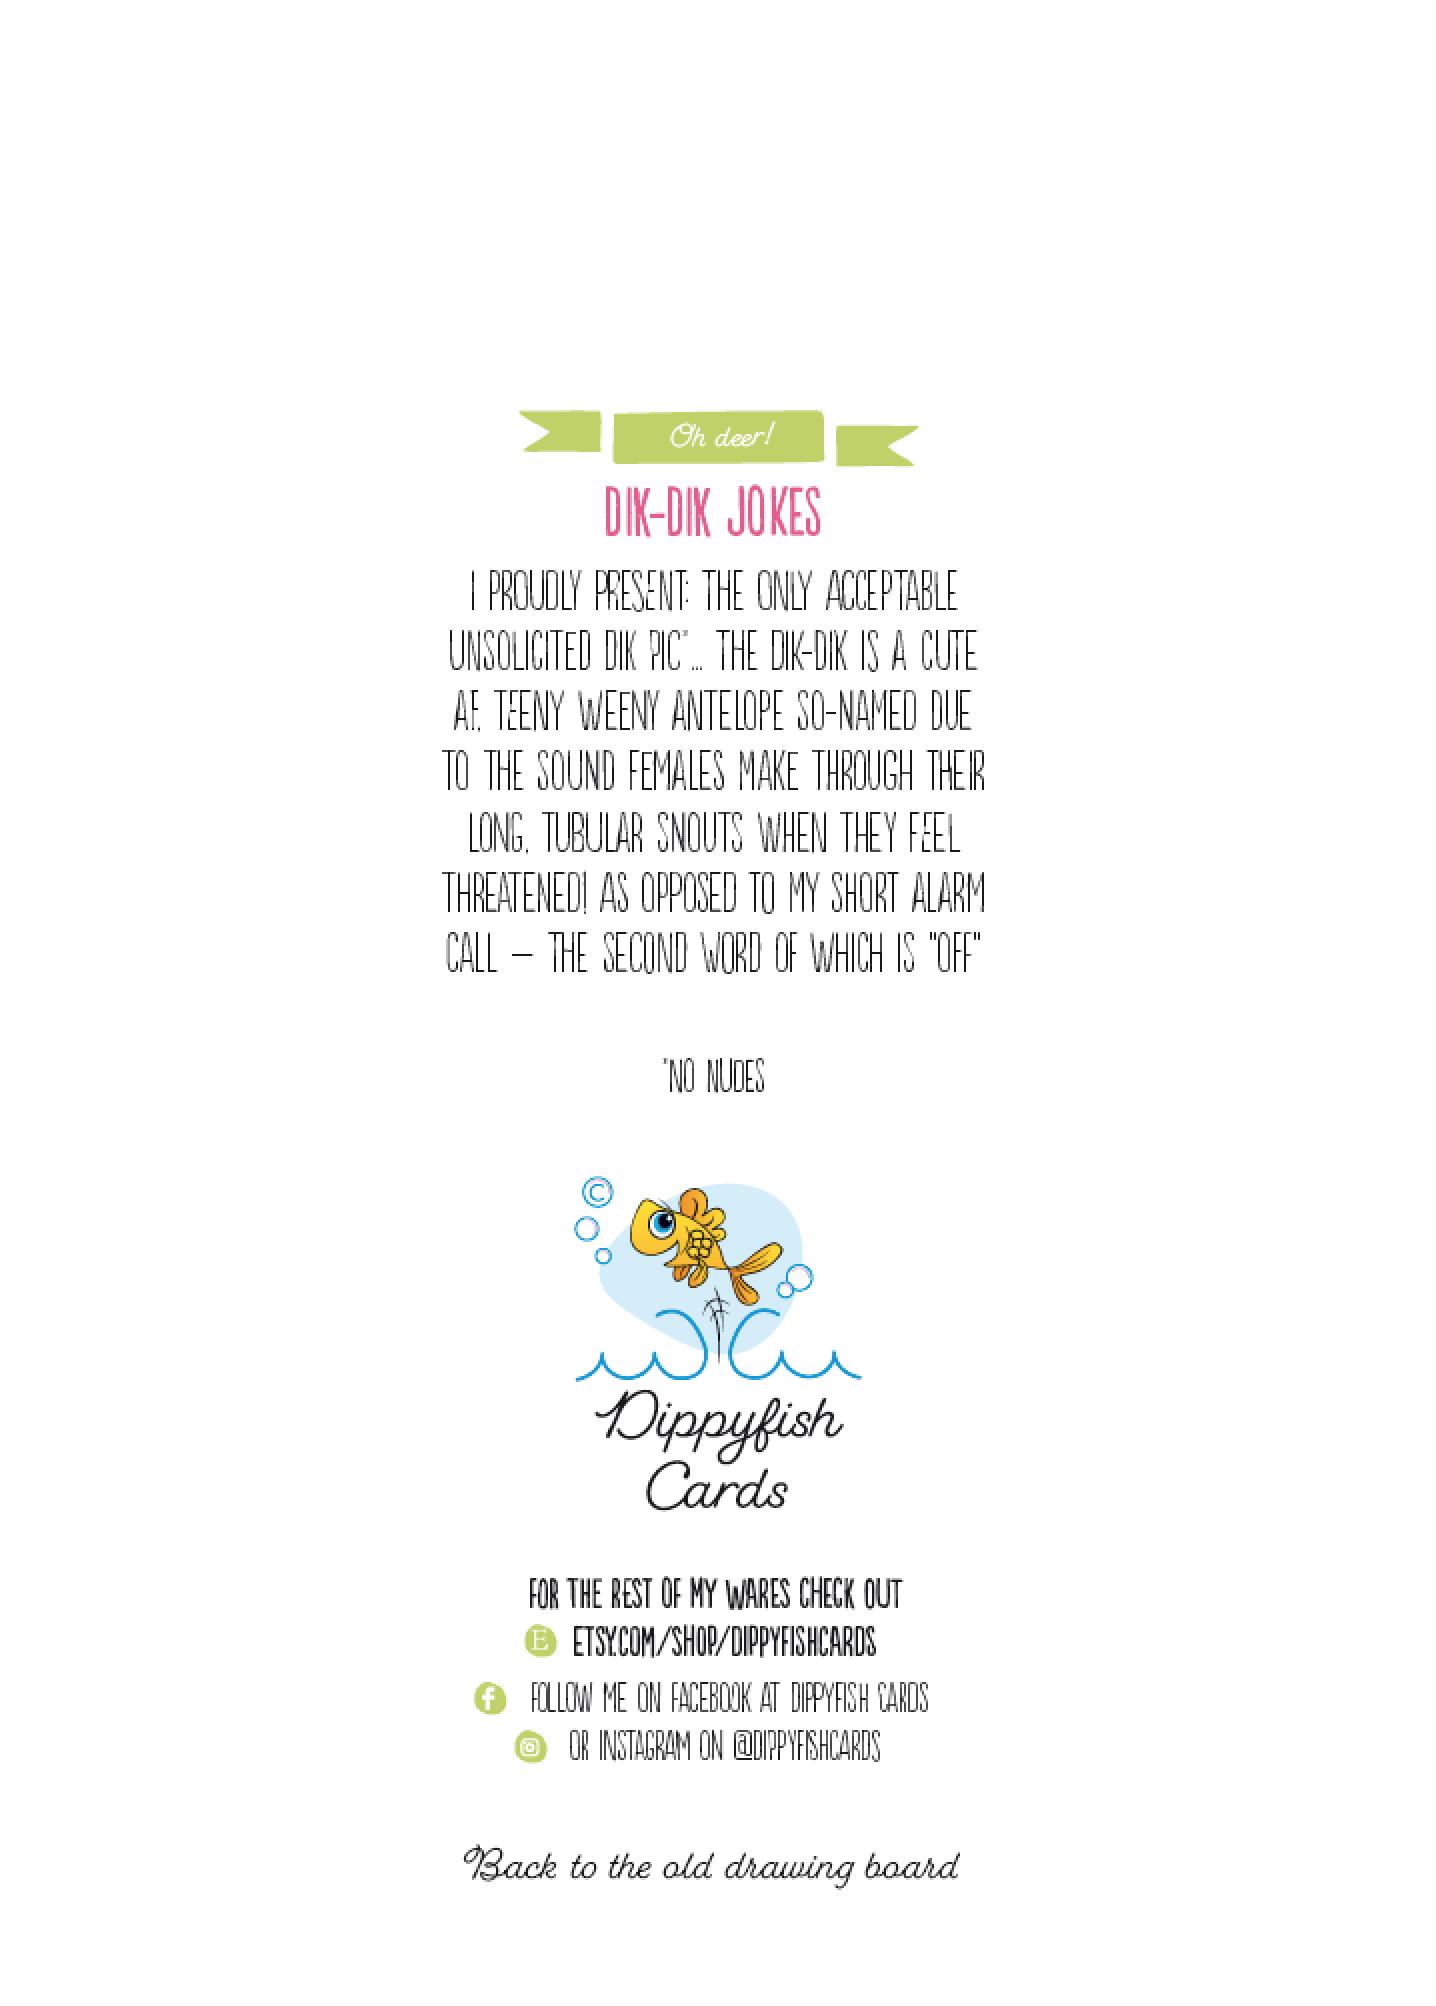 Dippyfish Cards Valentine's Day card Dik Dik pic